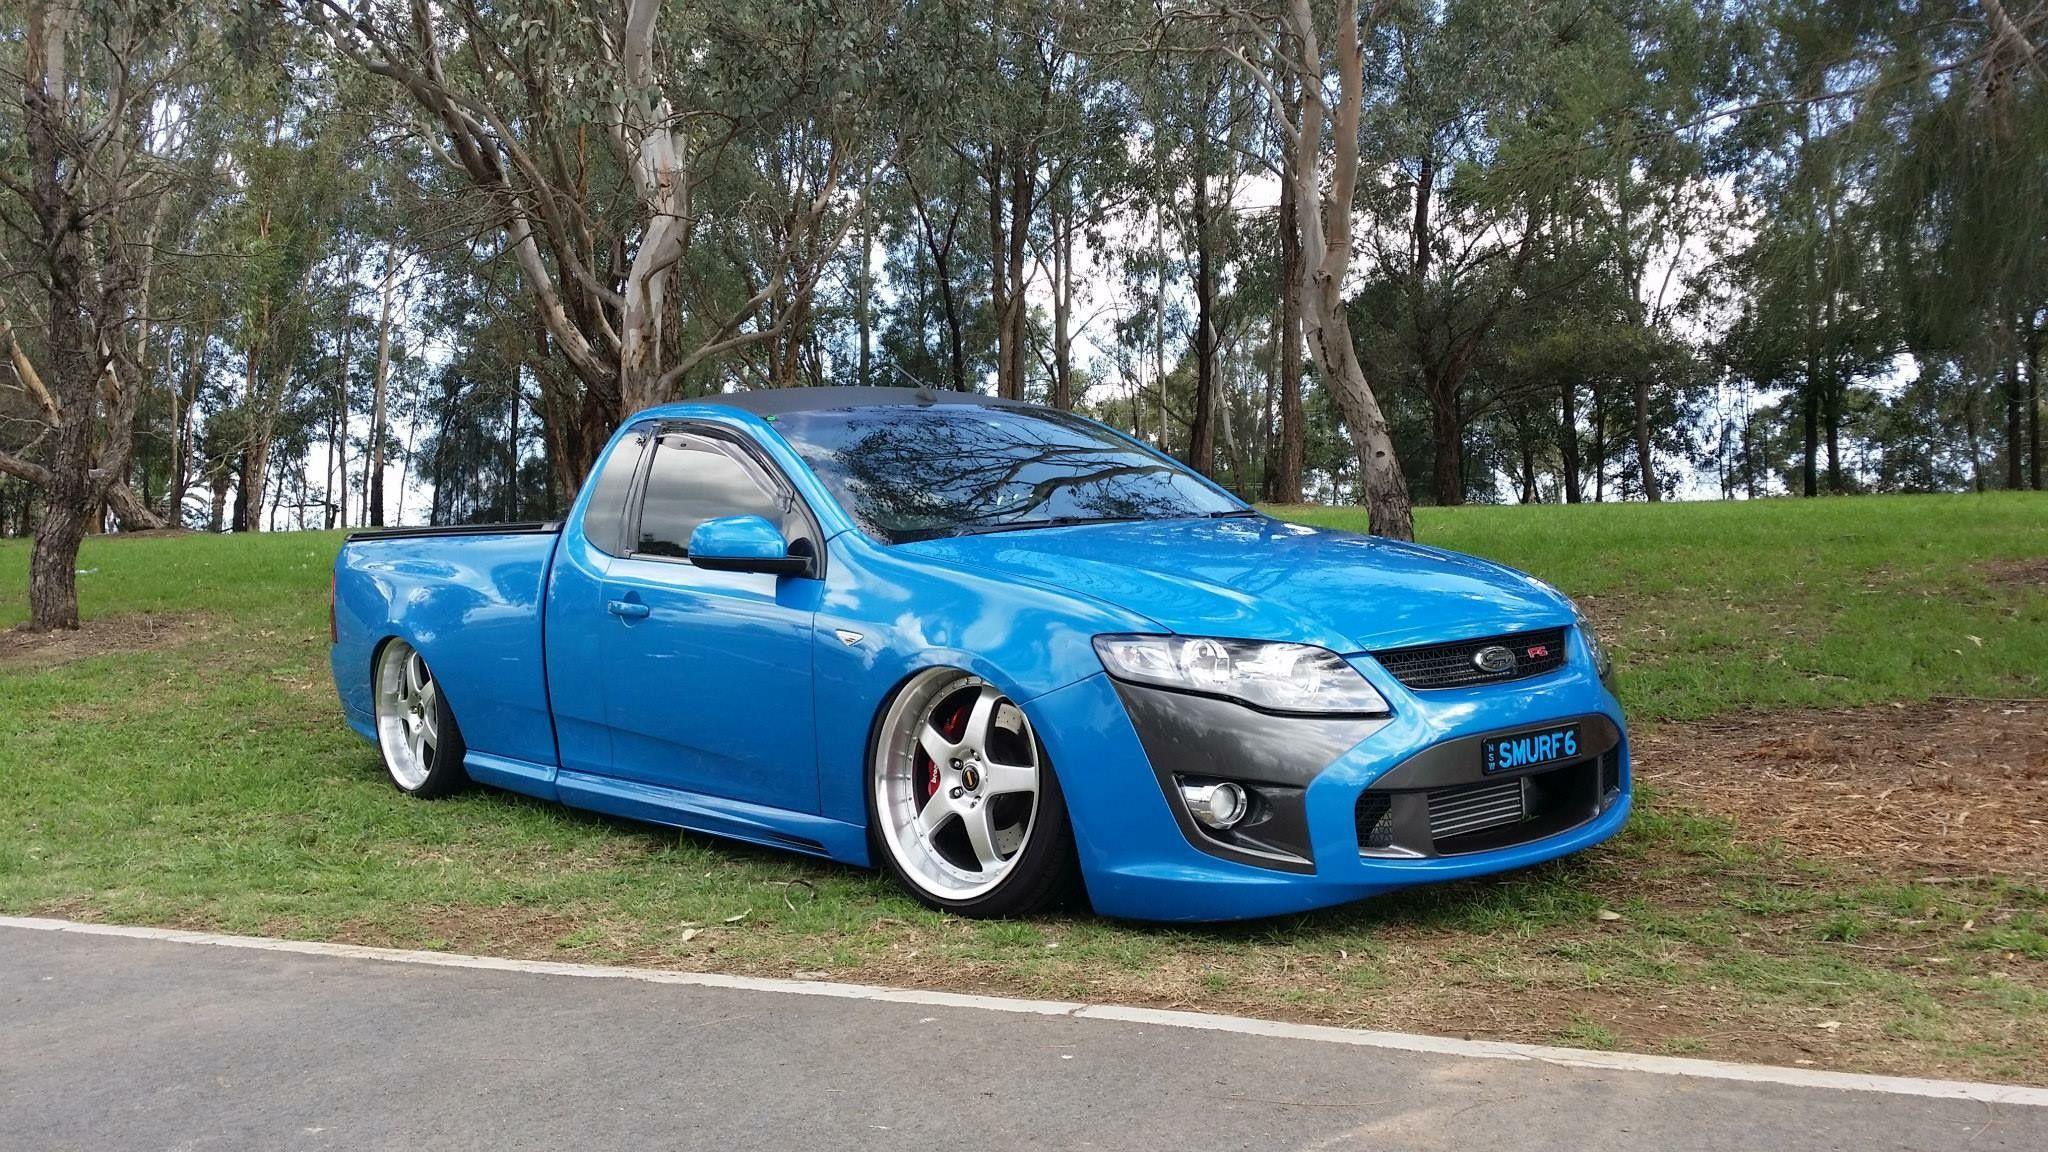 Falcon Xr8 Ute Australian Cars Australian Muscle Cars Ford Gt